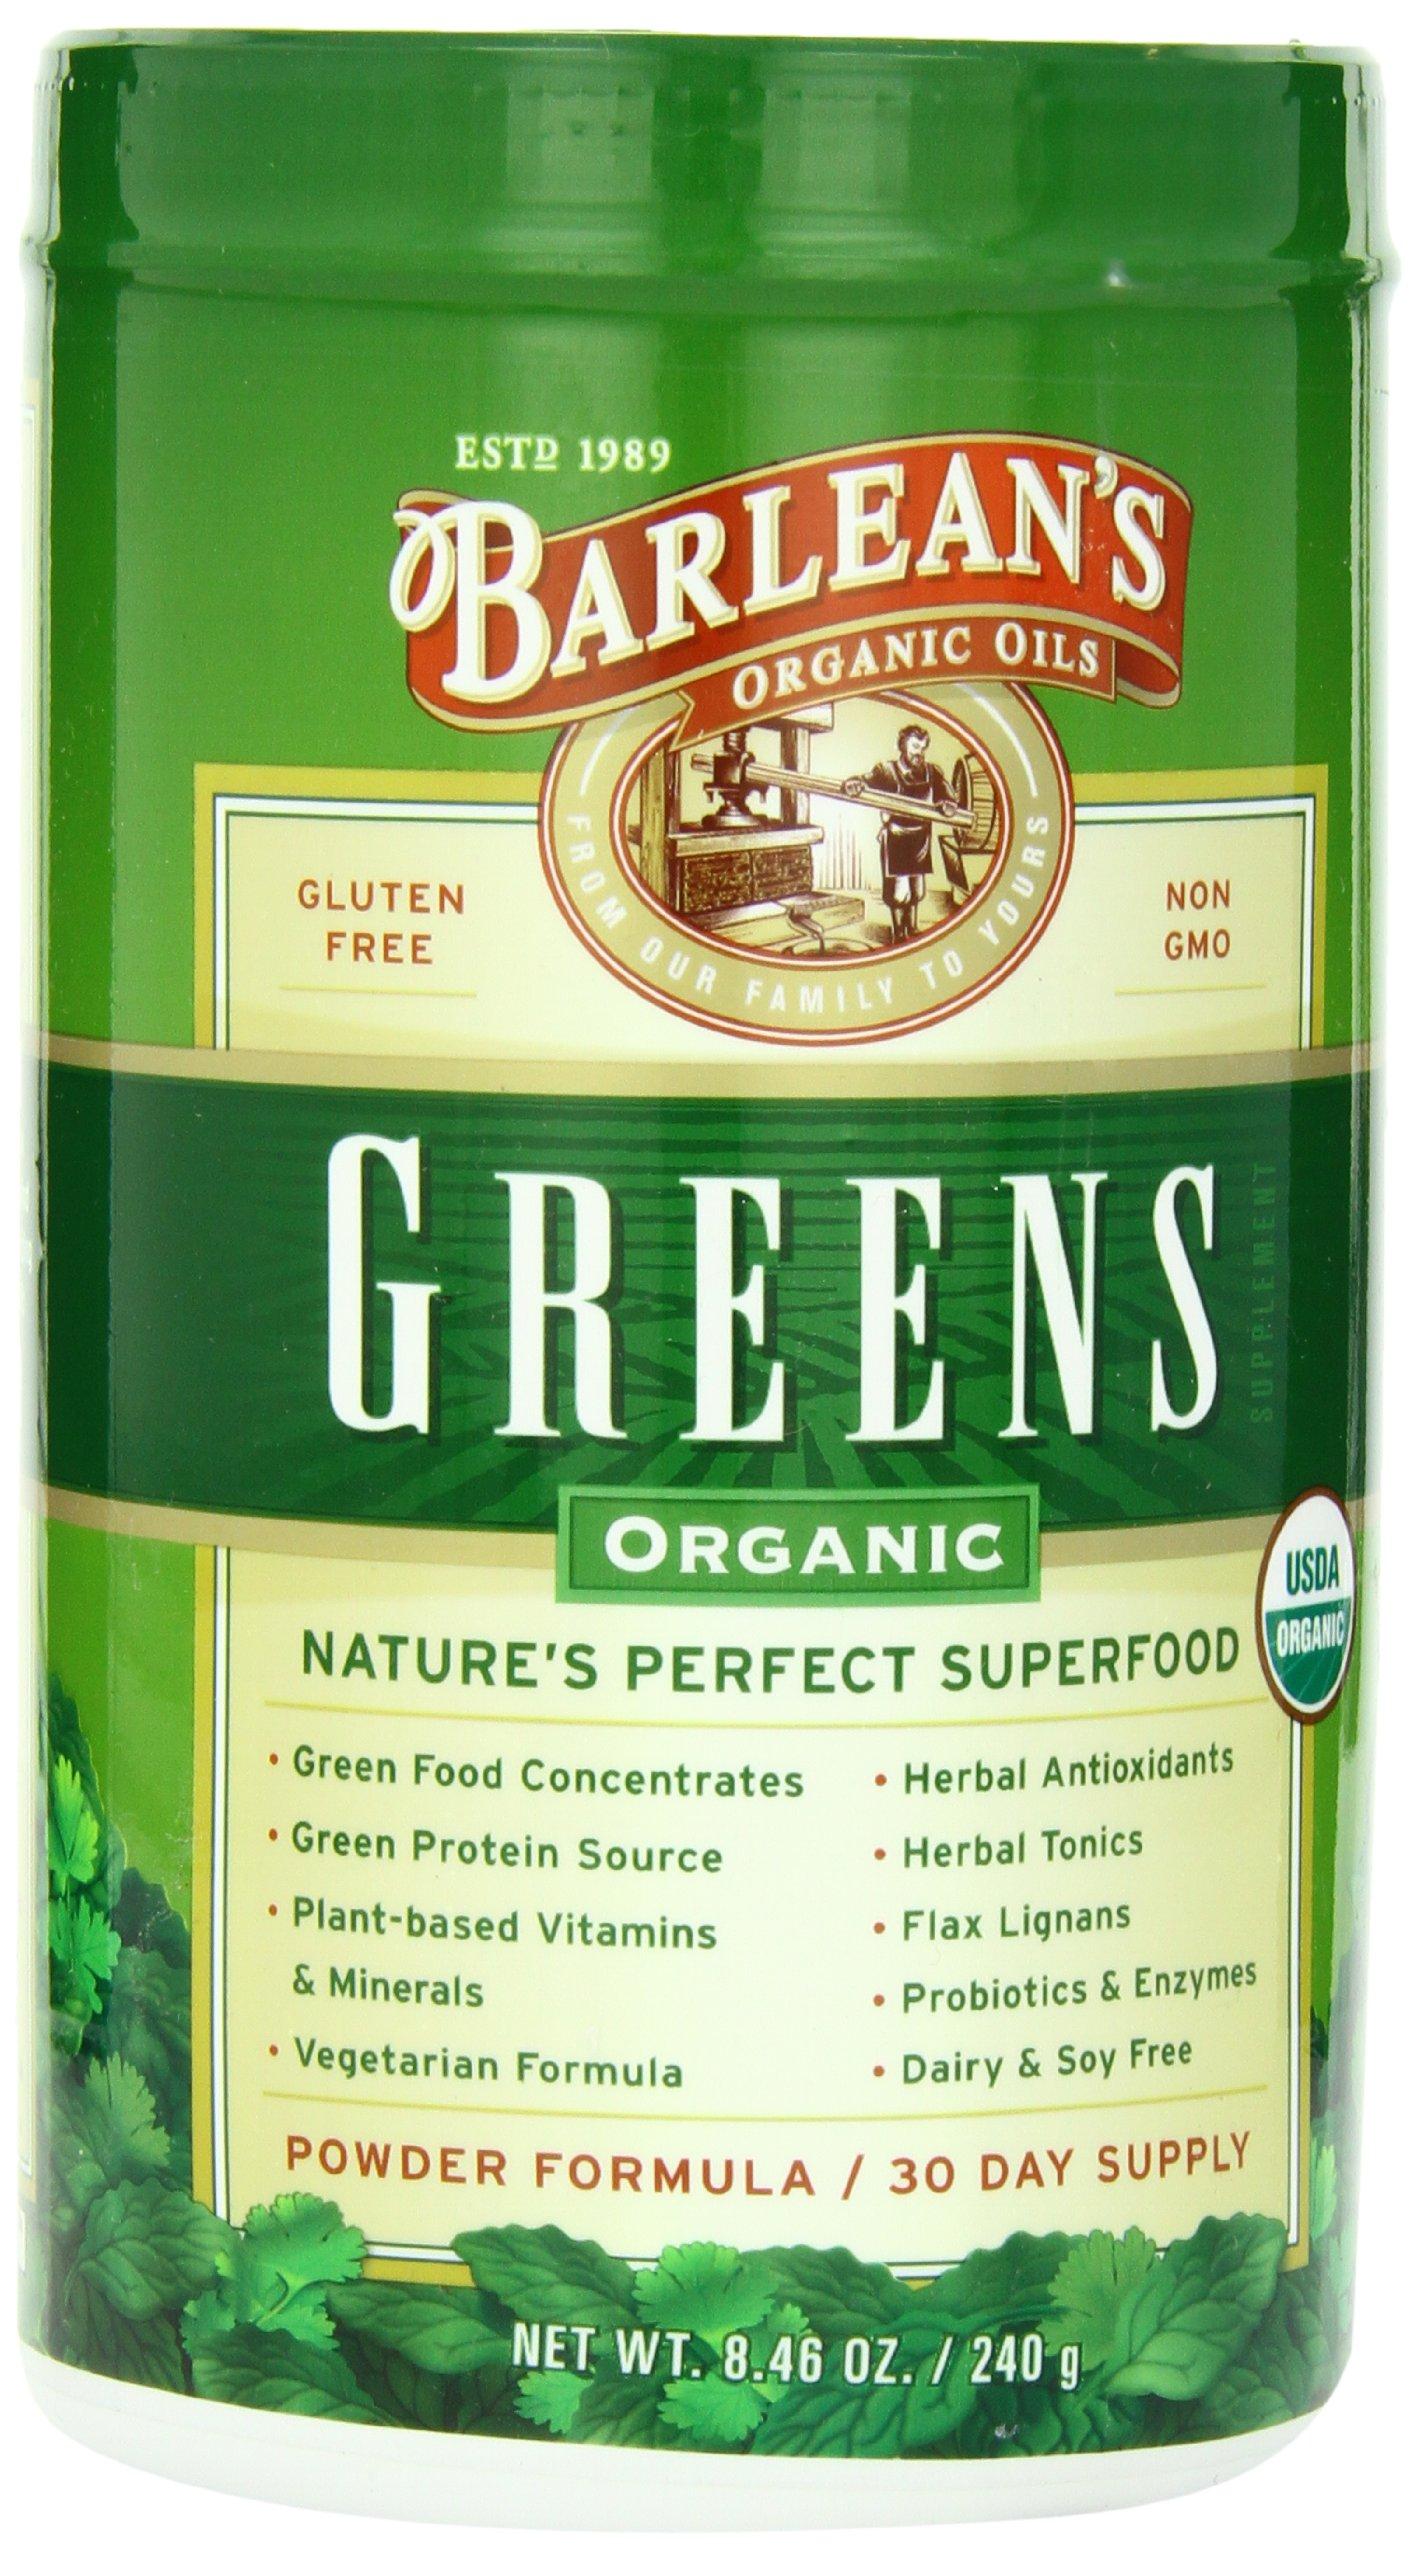 Barlean's Organic Oils Barlean's Greens, 8.46 oz. Container